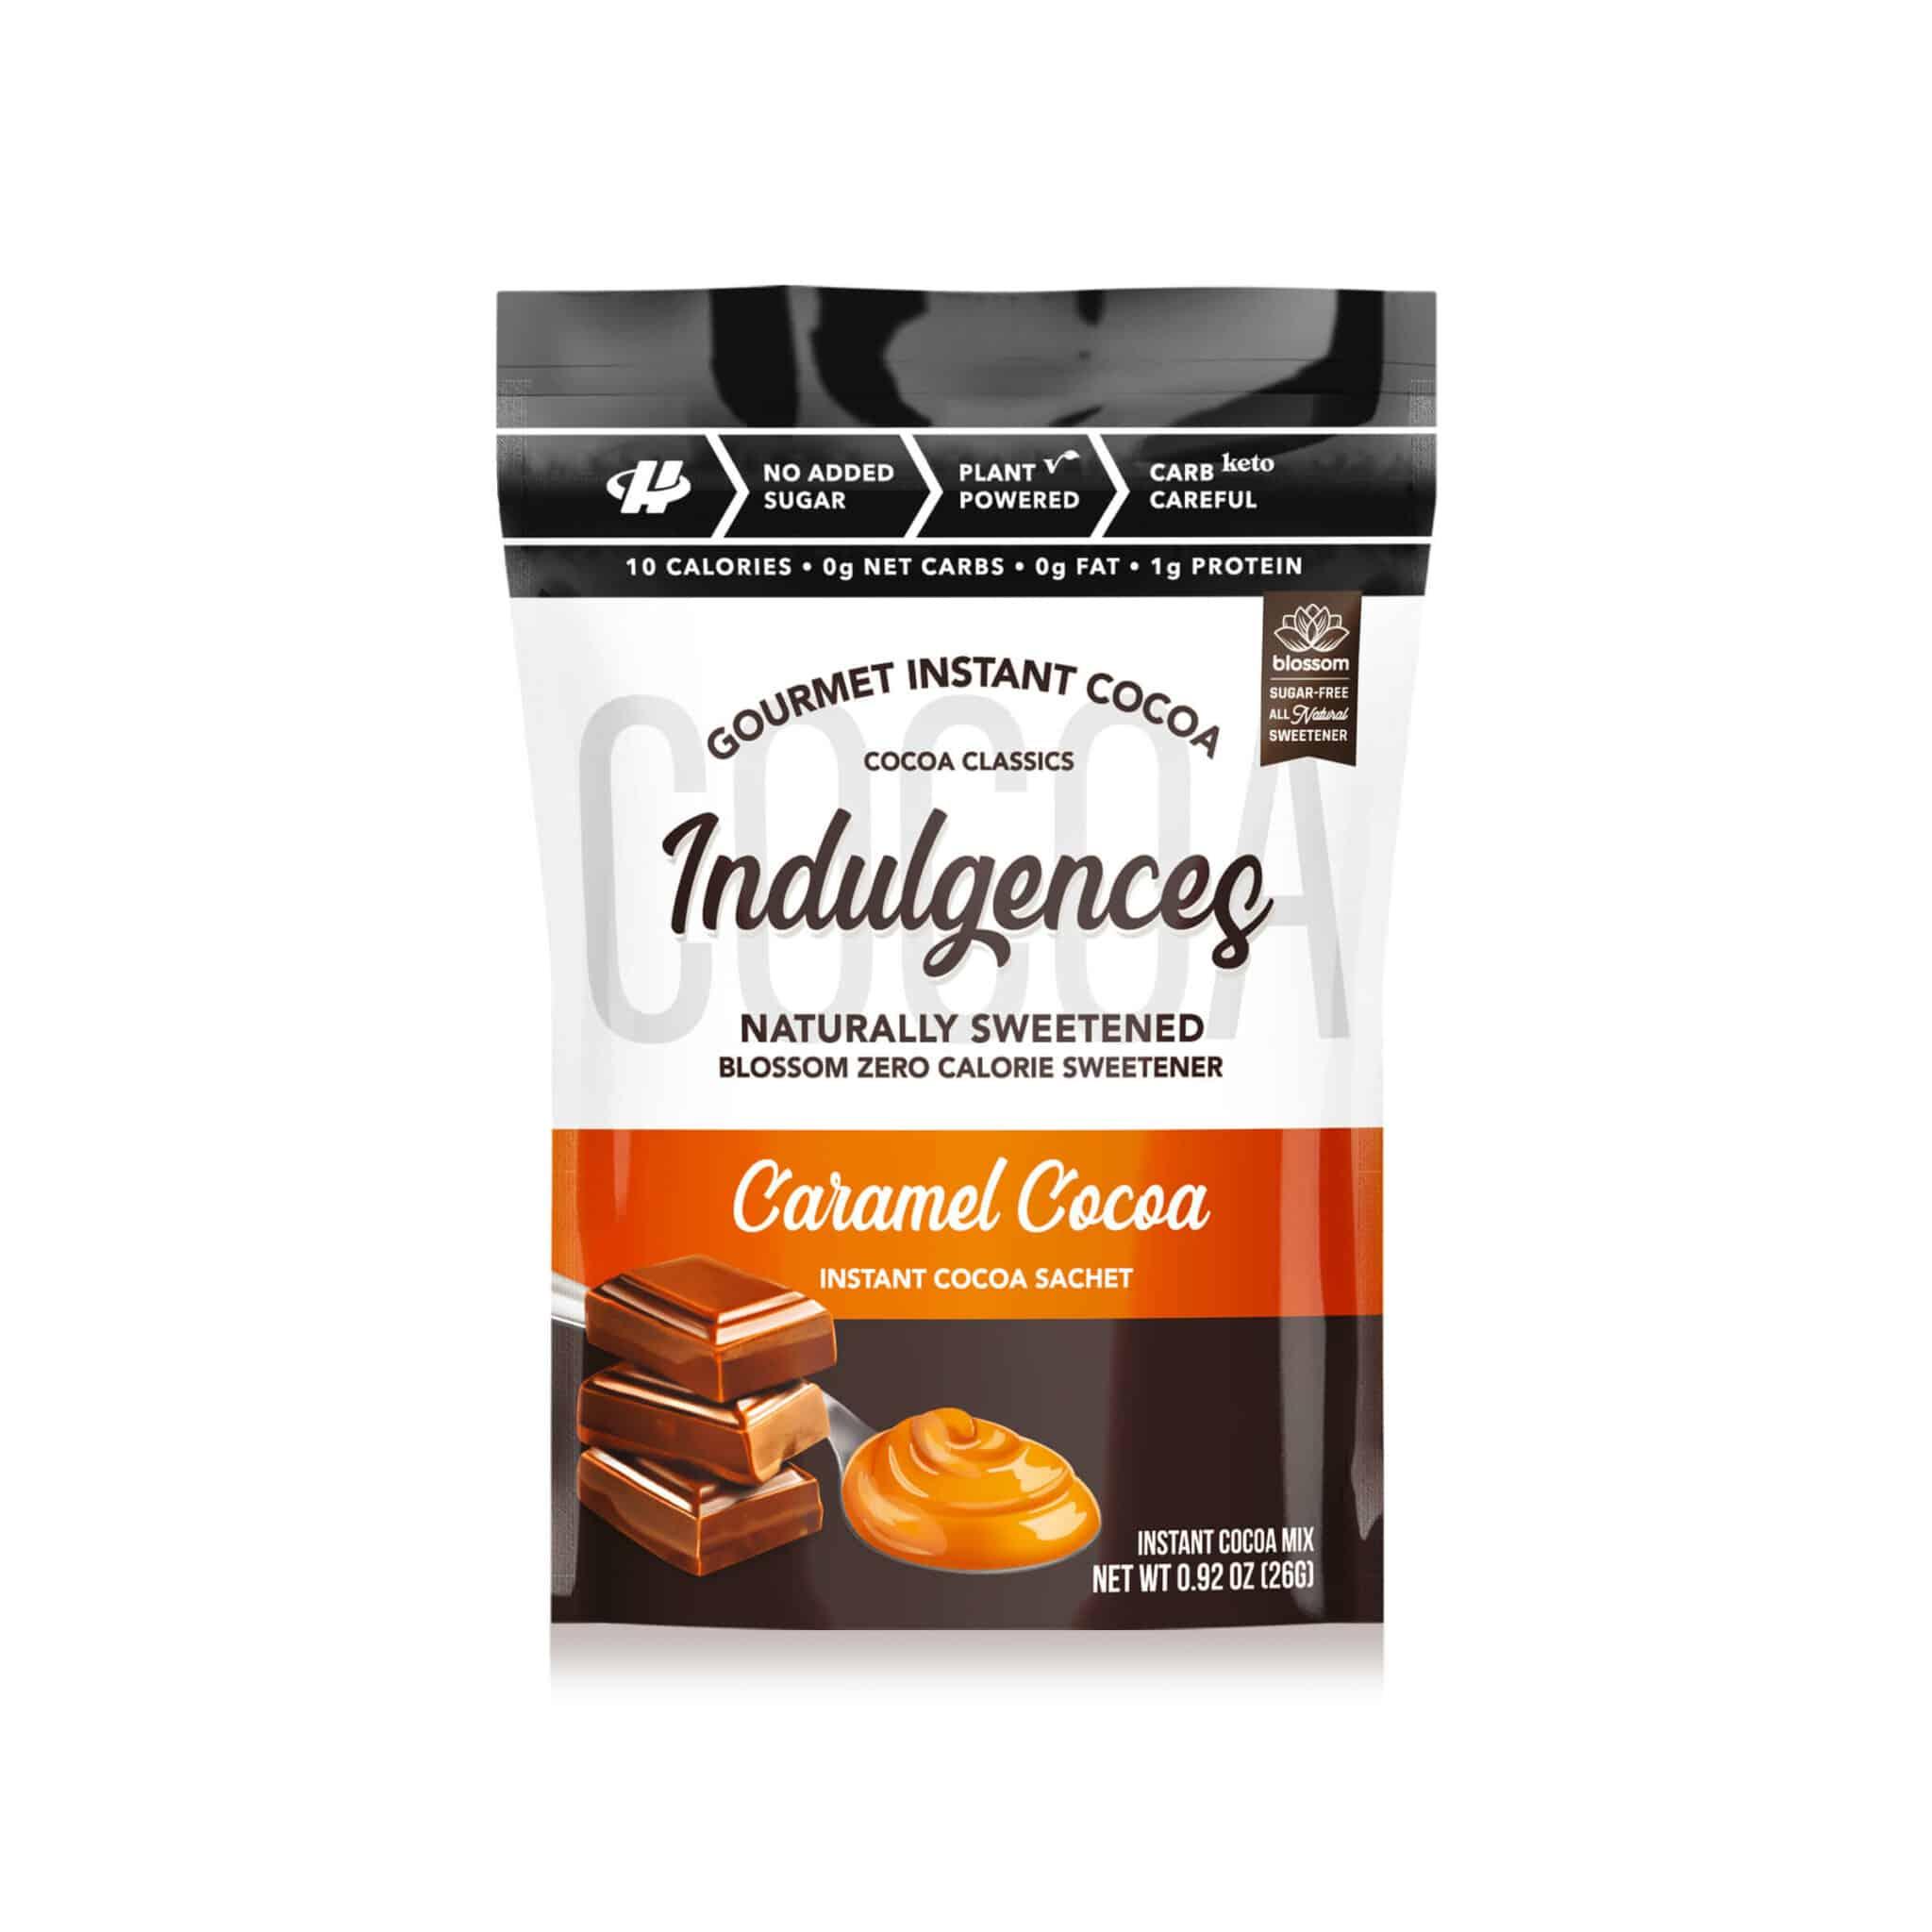 Indulgences Caramel Keto Cocoa